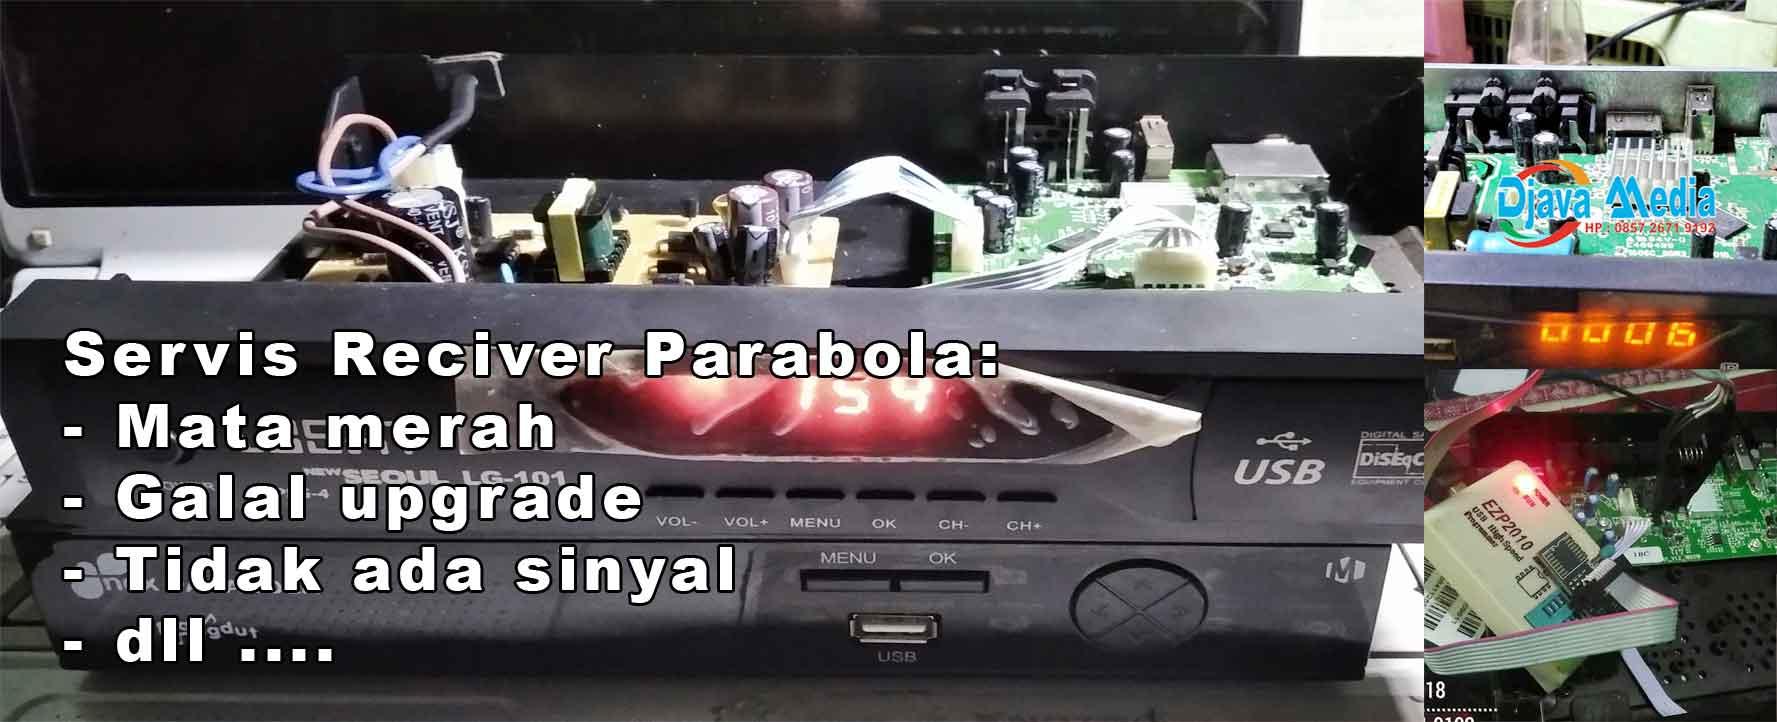 servis reciver parabola